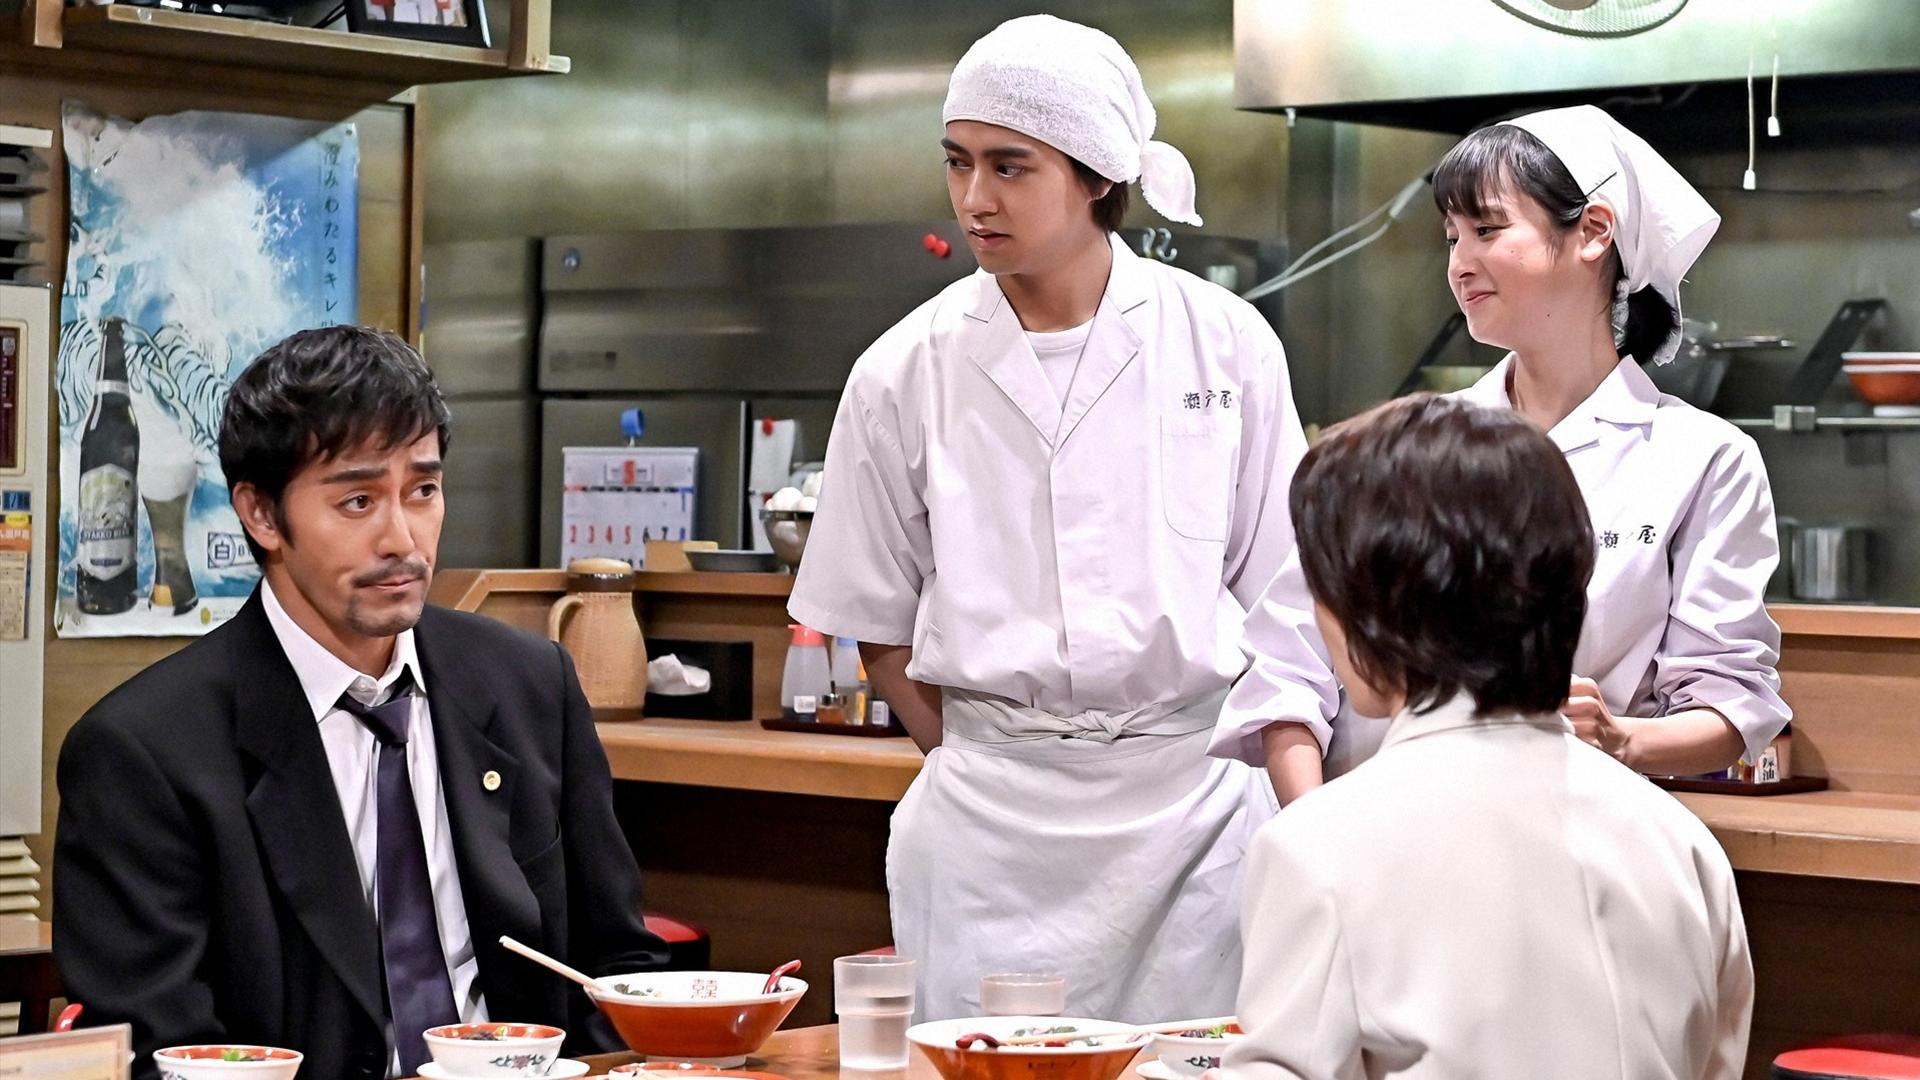 ドラゴン桜(2021) 第5話 限界を決めつけるな!生きたい未来を自分で作れ!